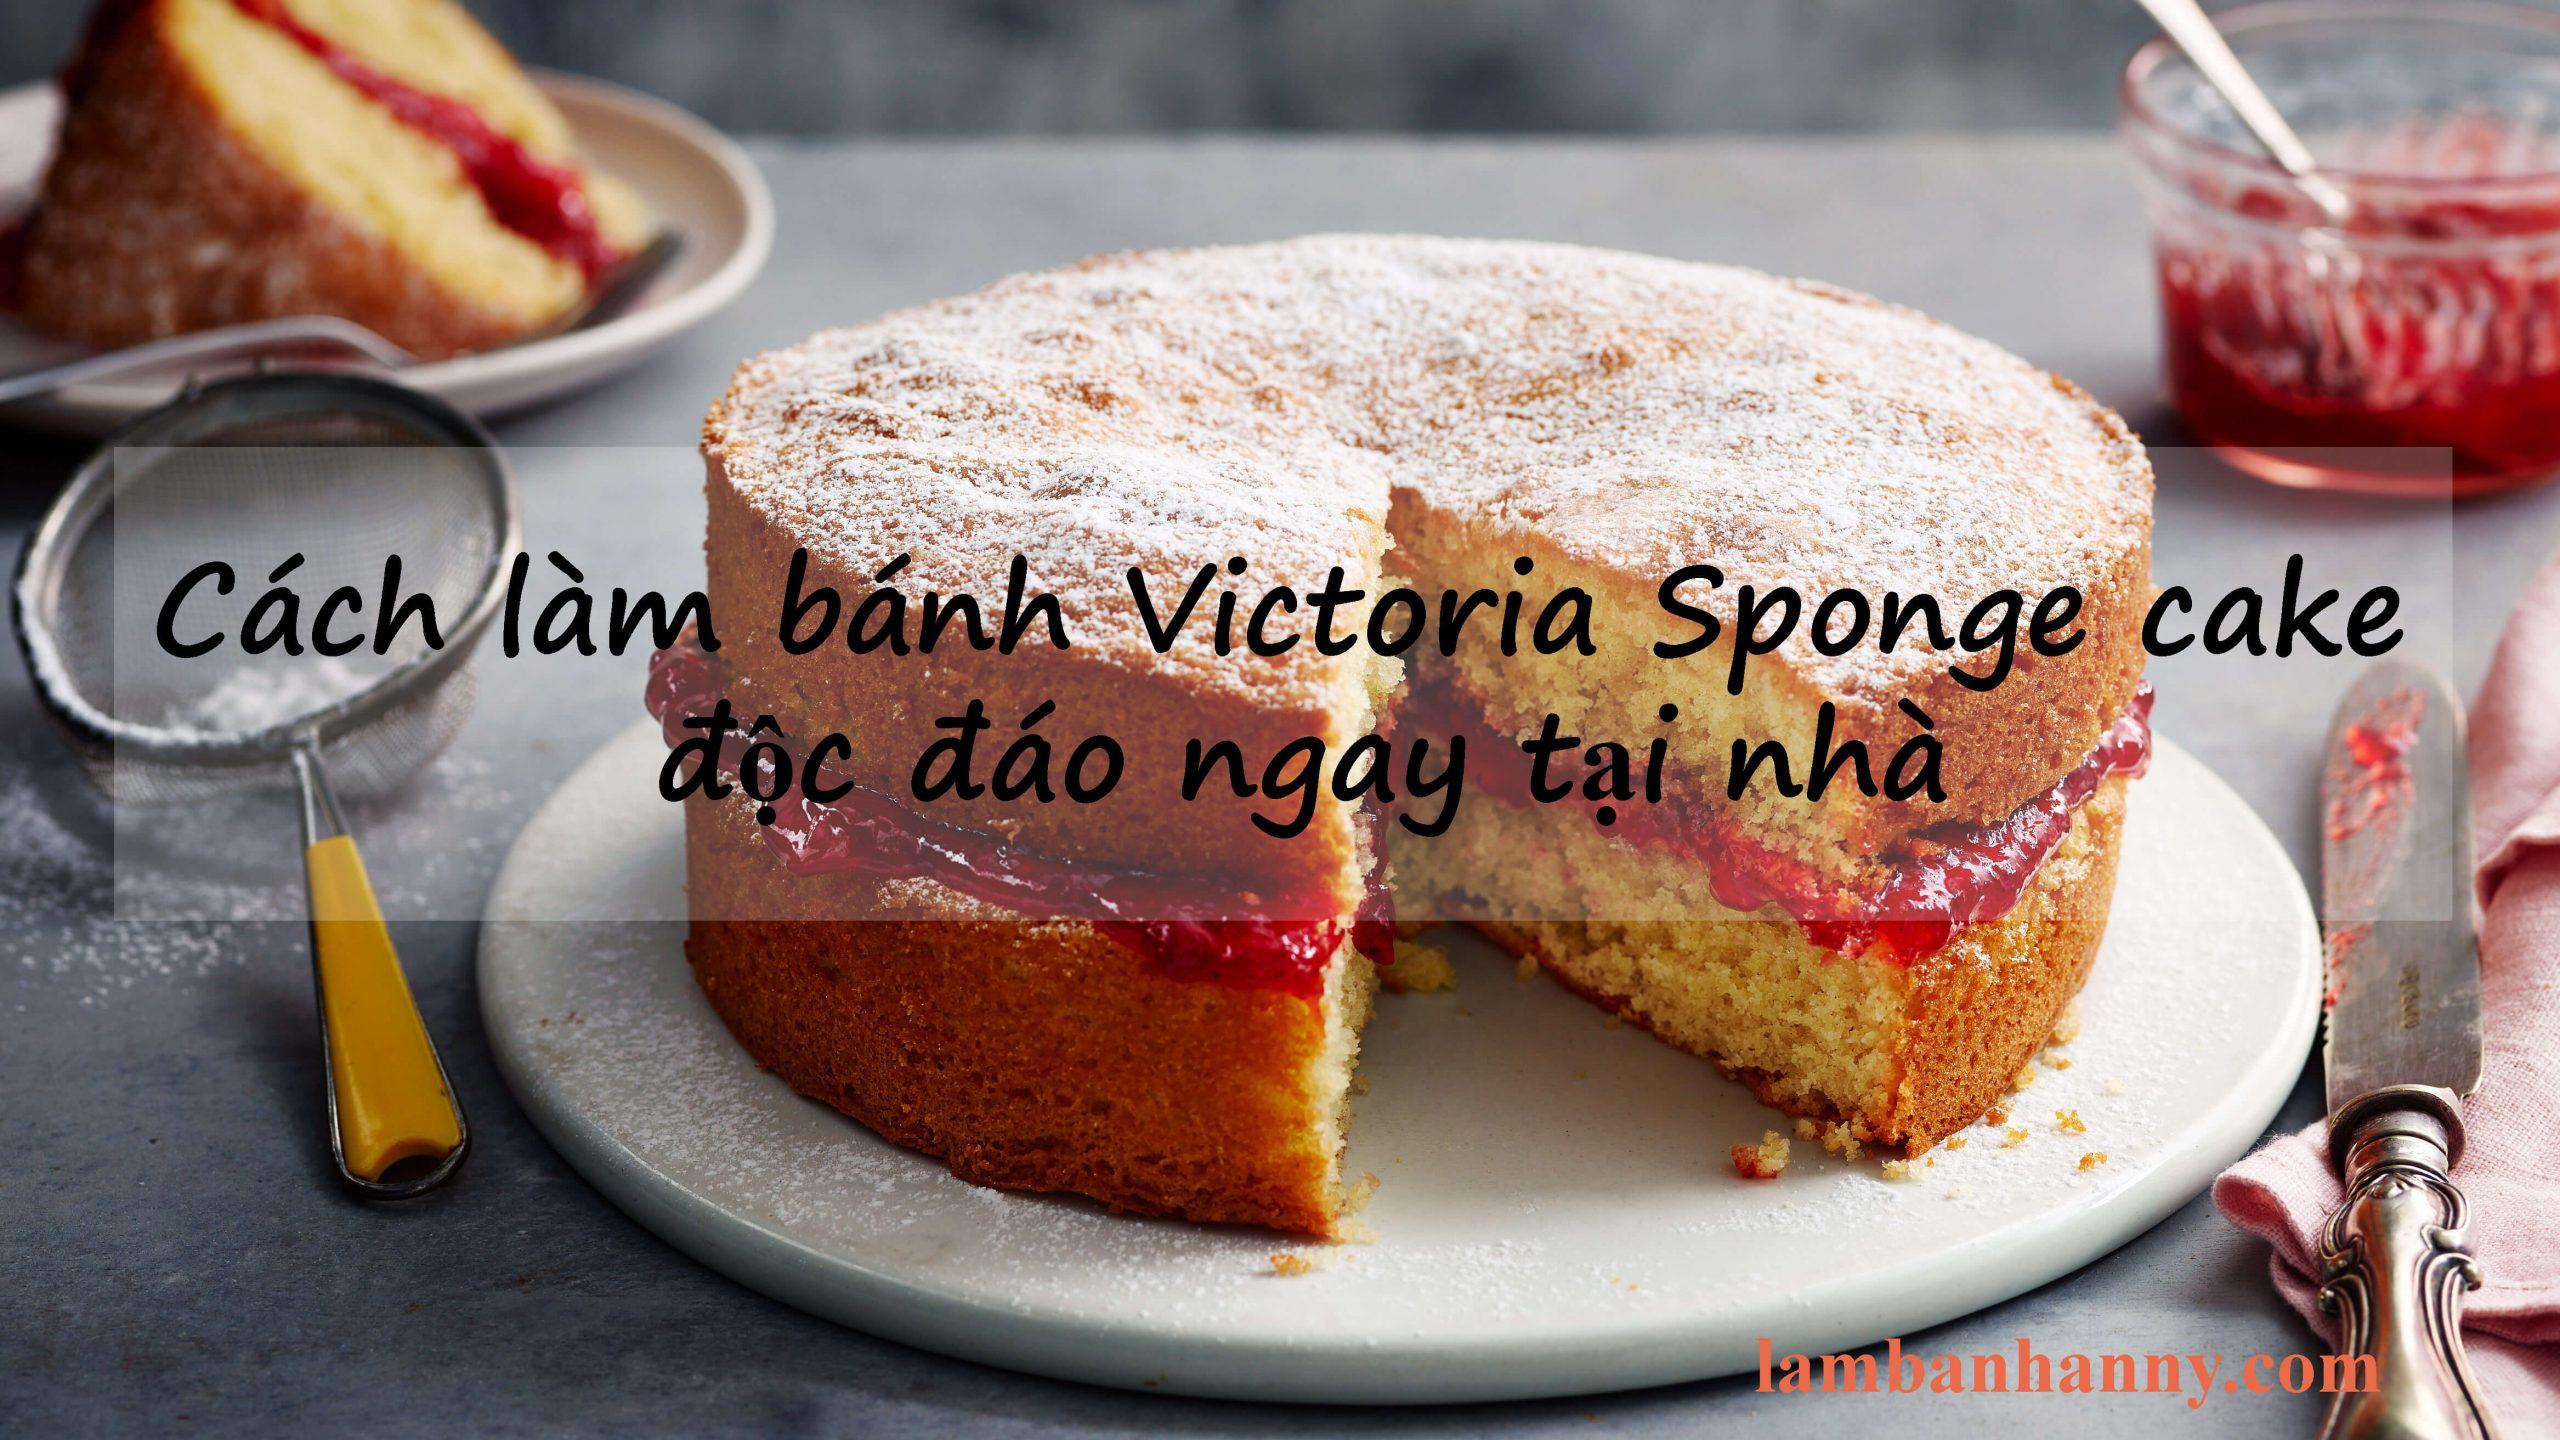 Cách làm bánh Victoria Sponge cake độc đáo ngay tại nhà